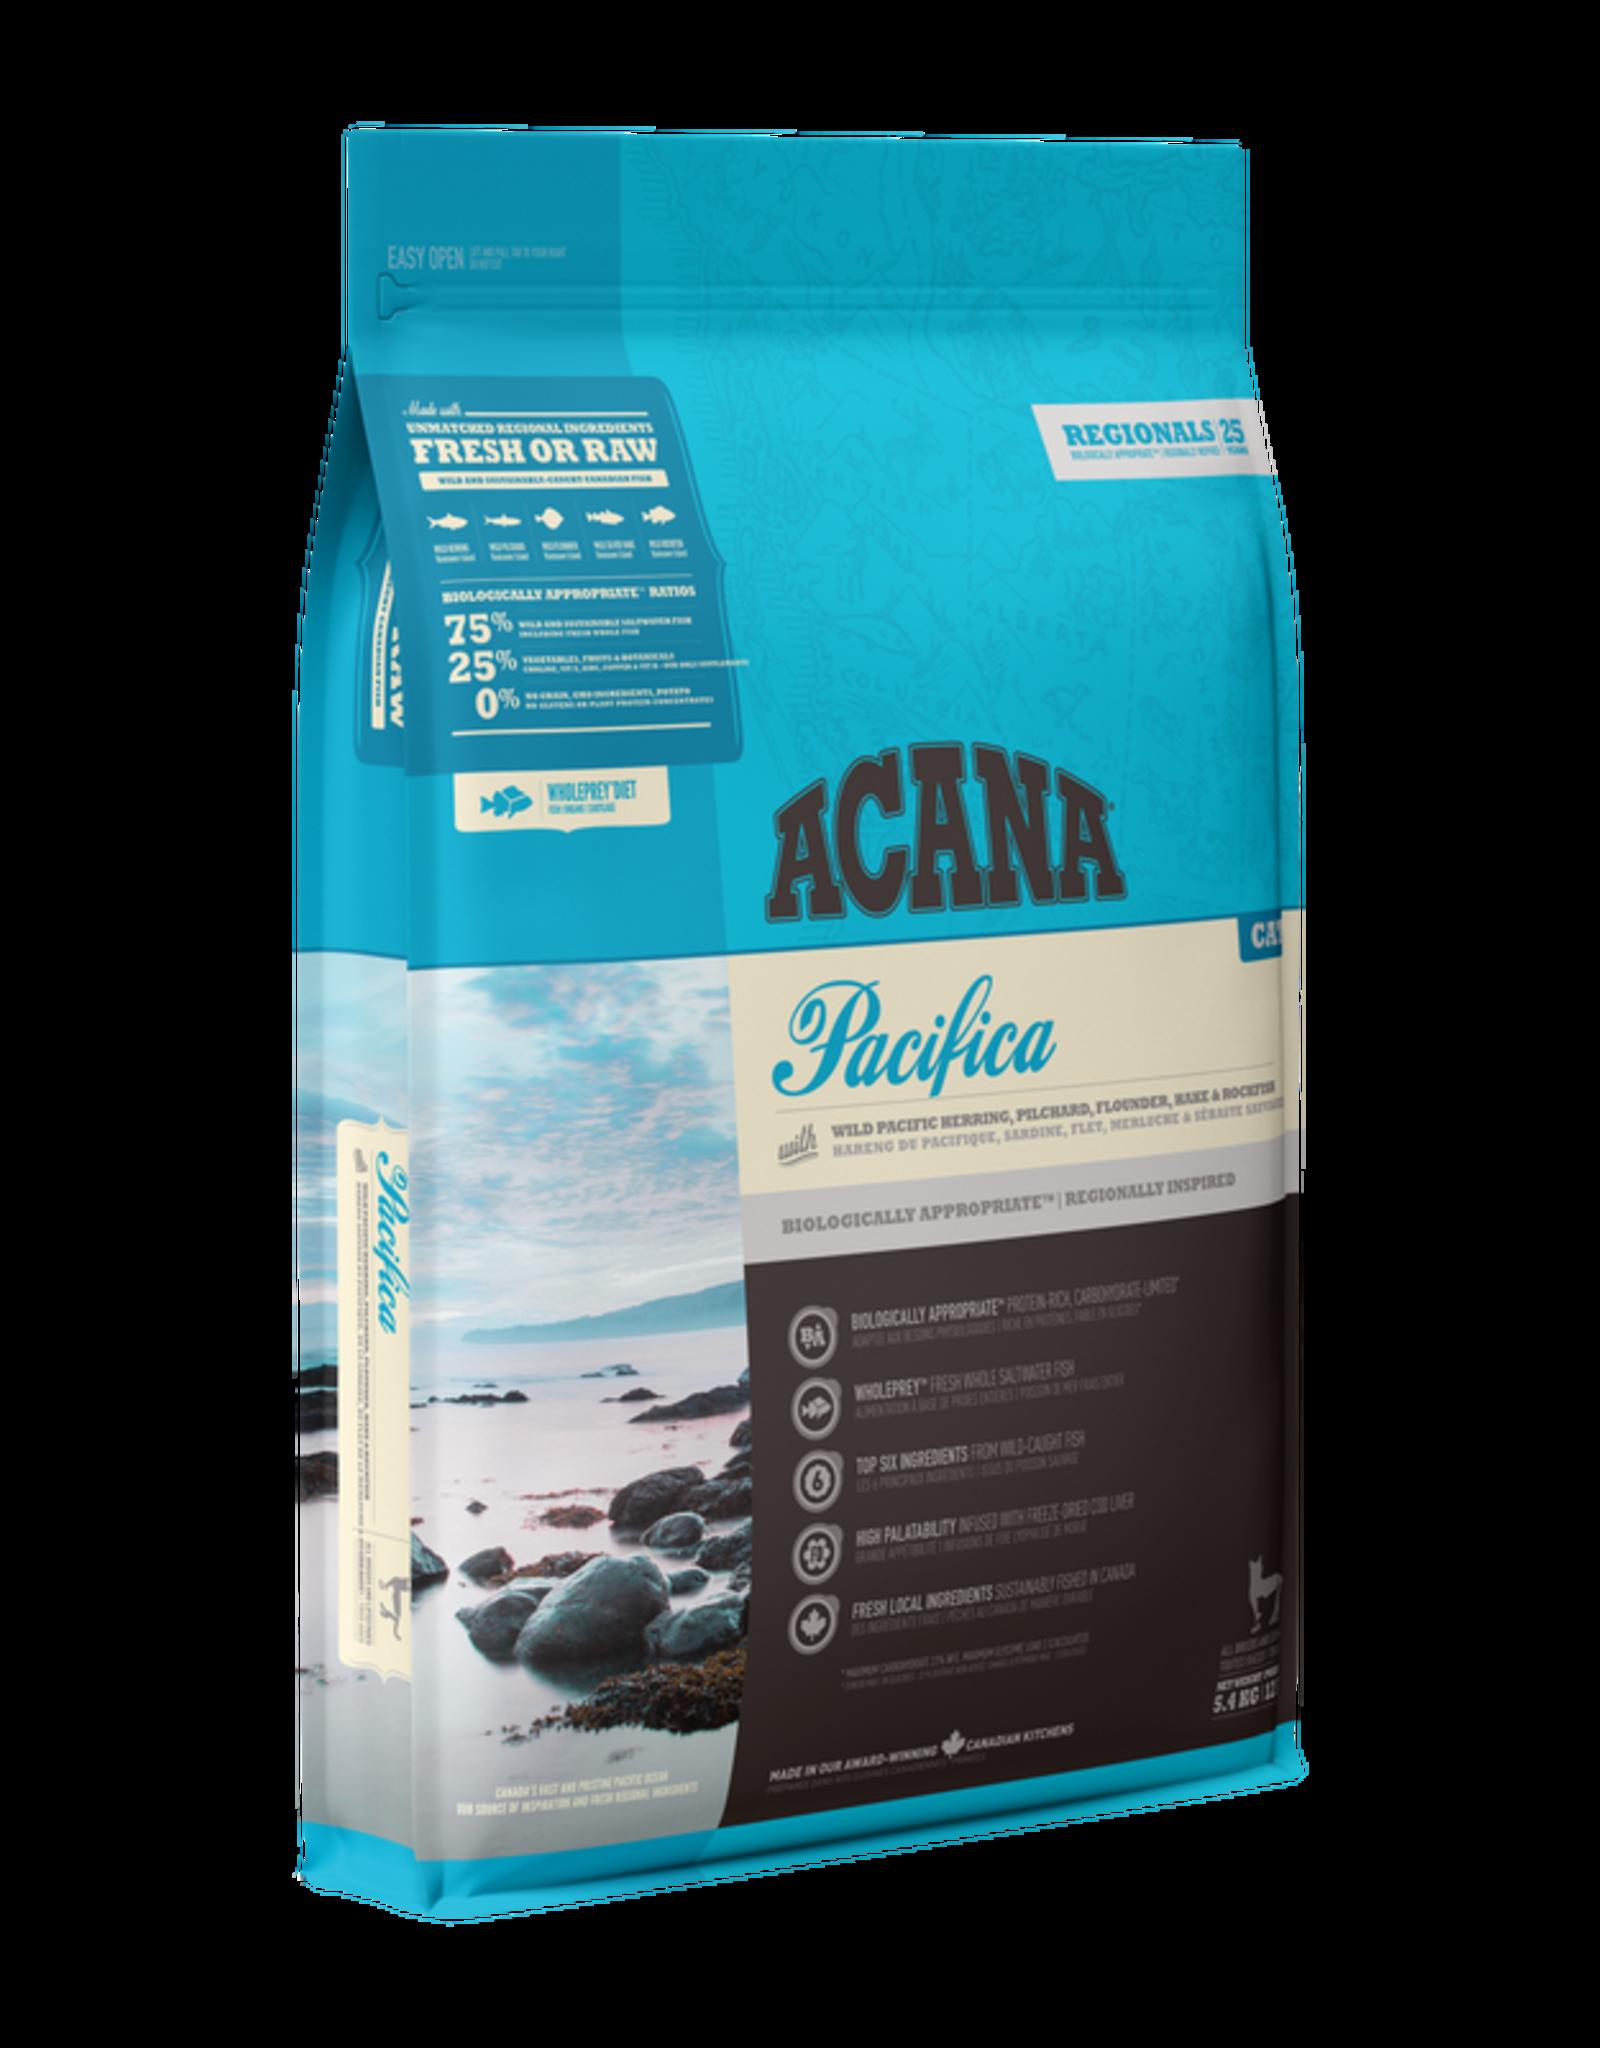 ACANA Acana CAT Regionals - Pacifica 4.5kg